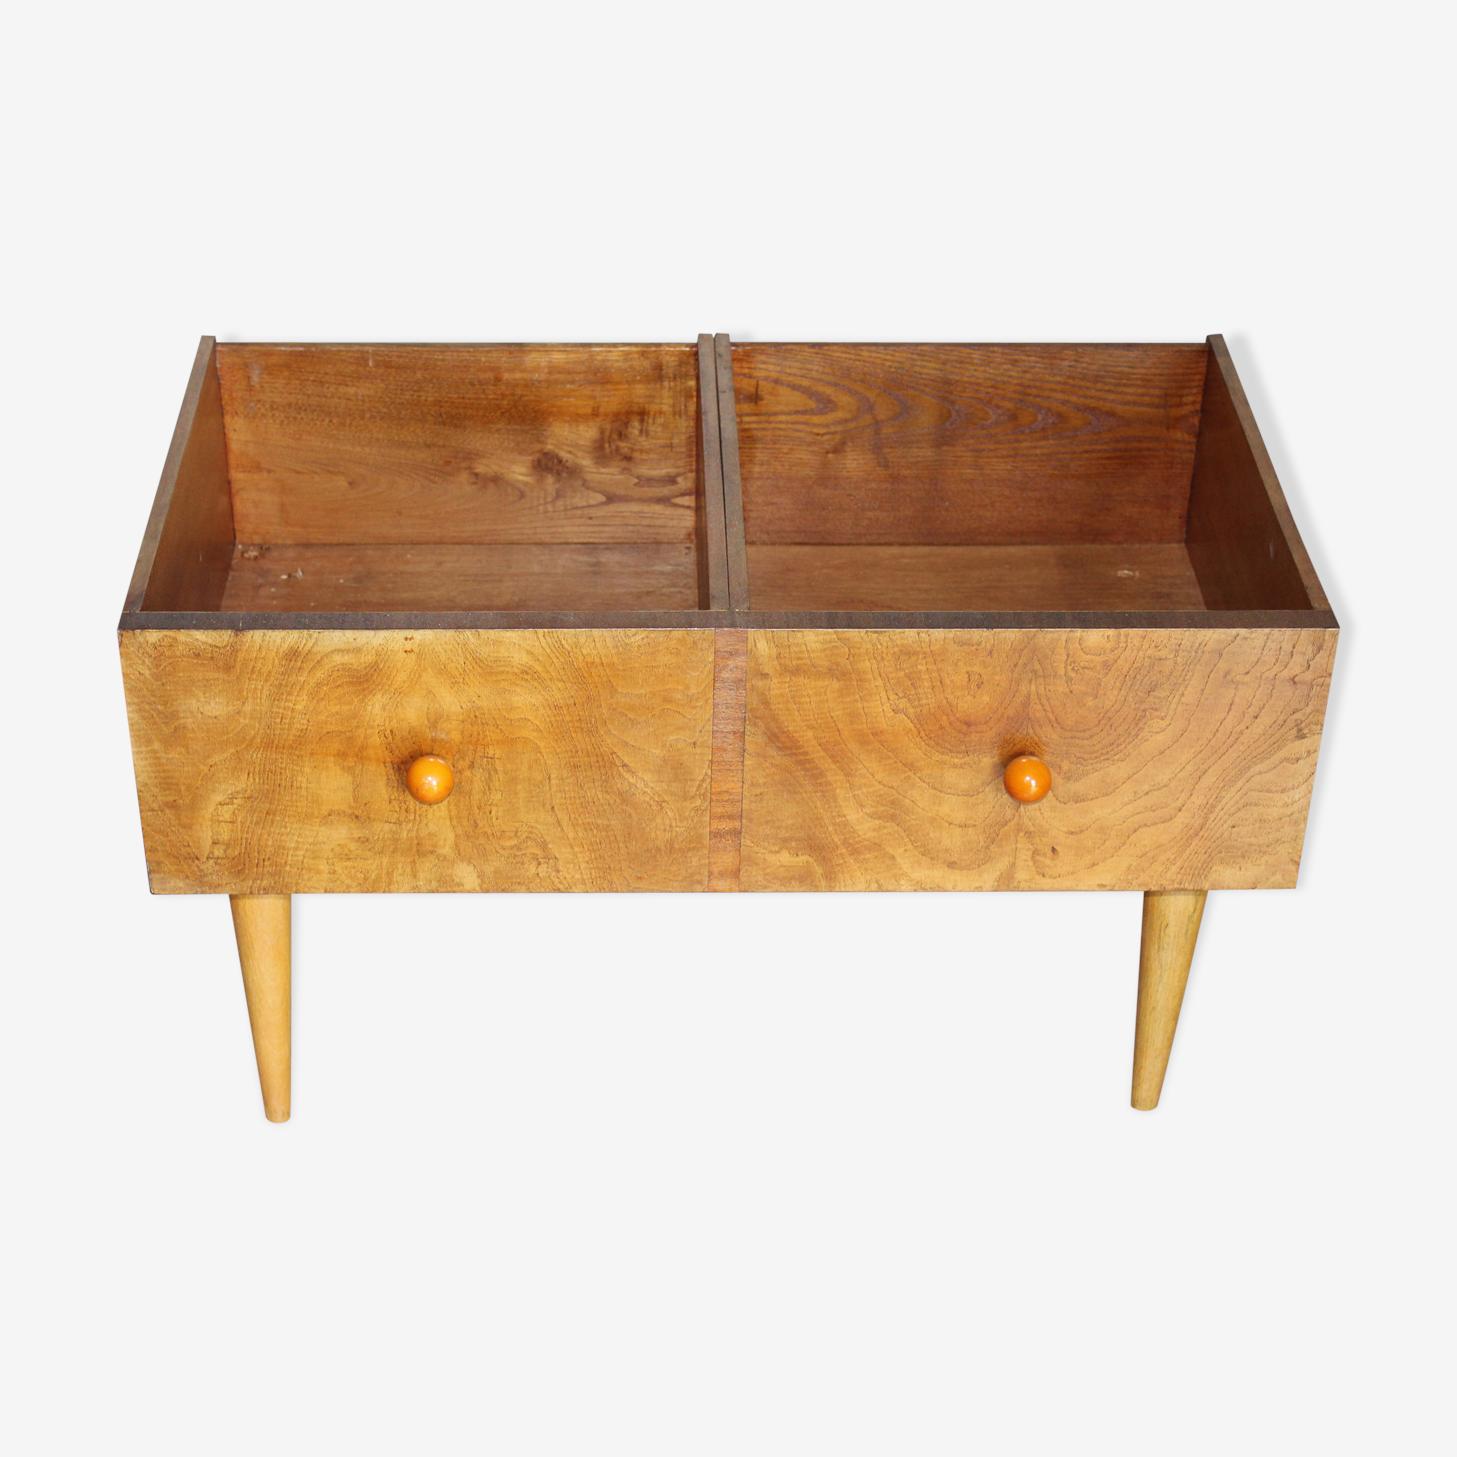 Meuble De Rangement Pour Livres meuble de rangement disques vinyle, bd, livres pour enfants… - wood